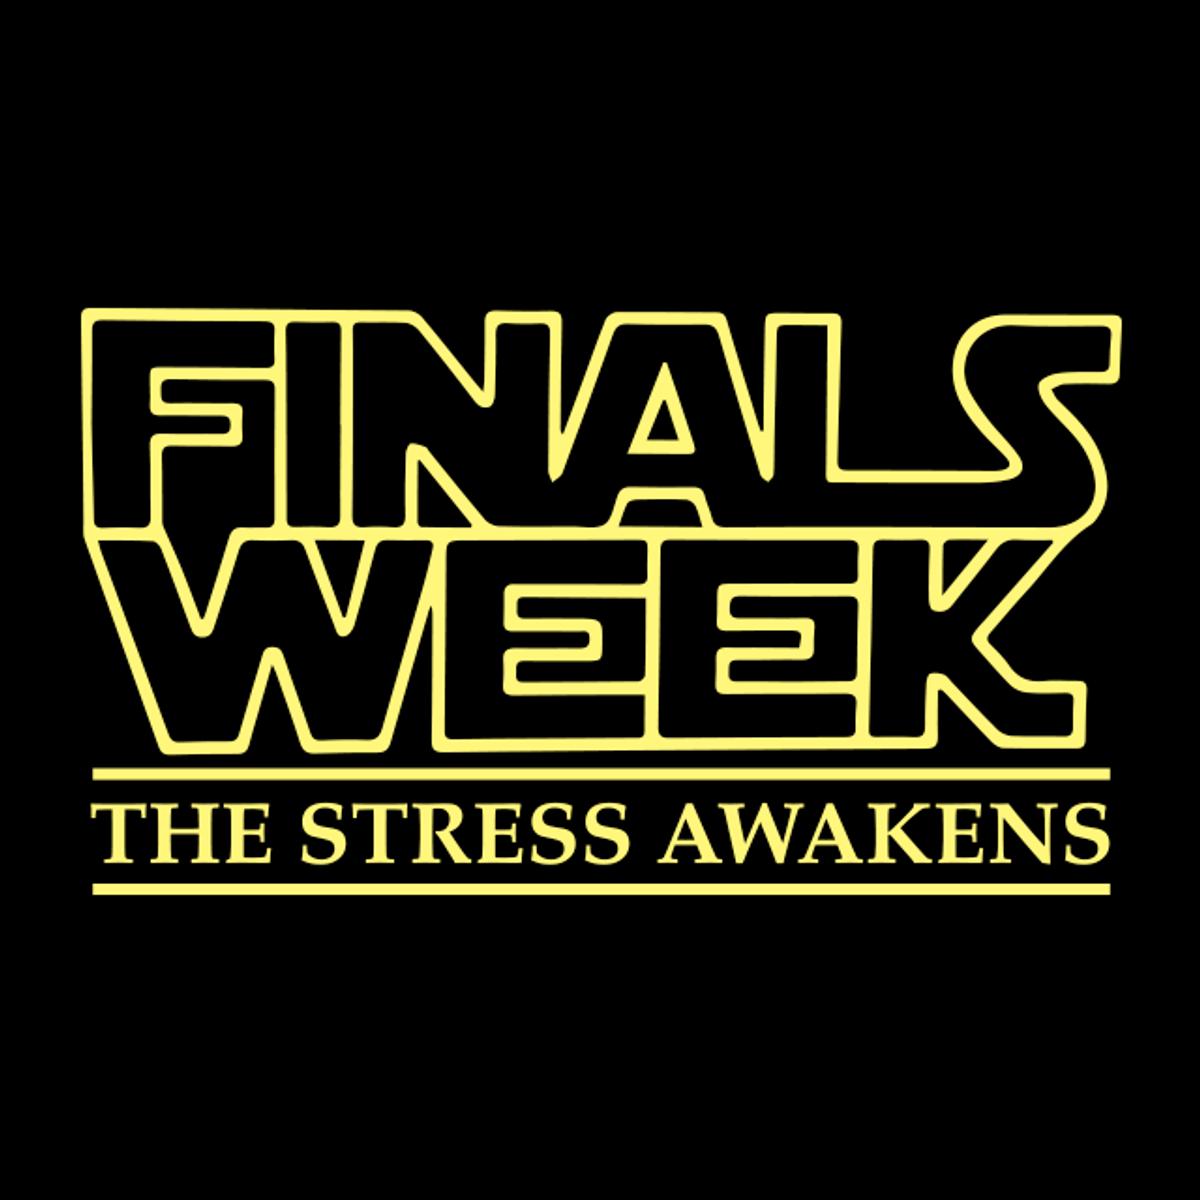 Finals Week: The Stress Awakens